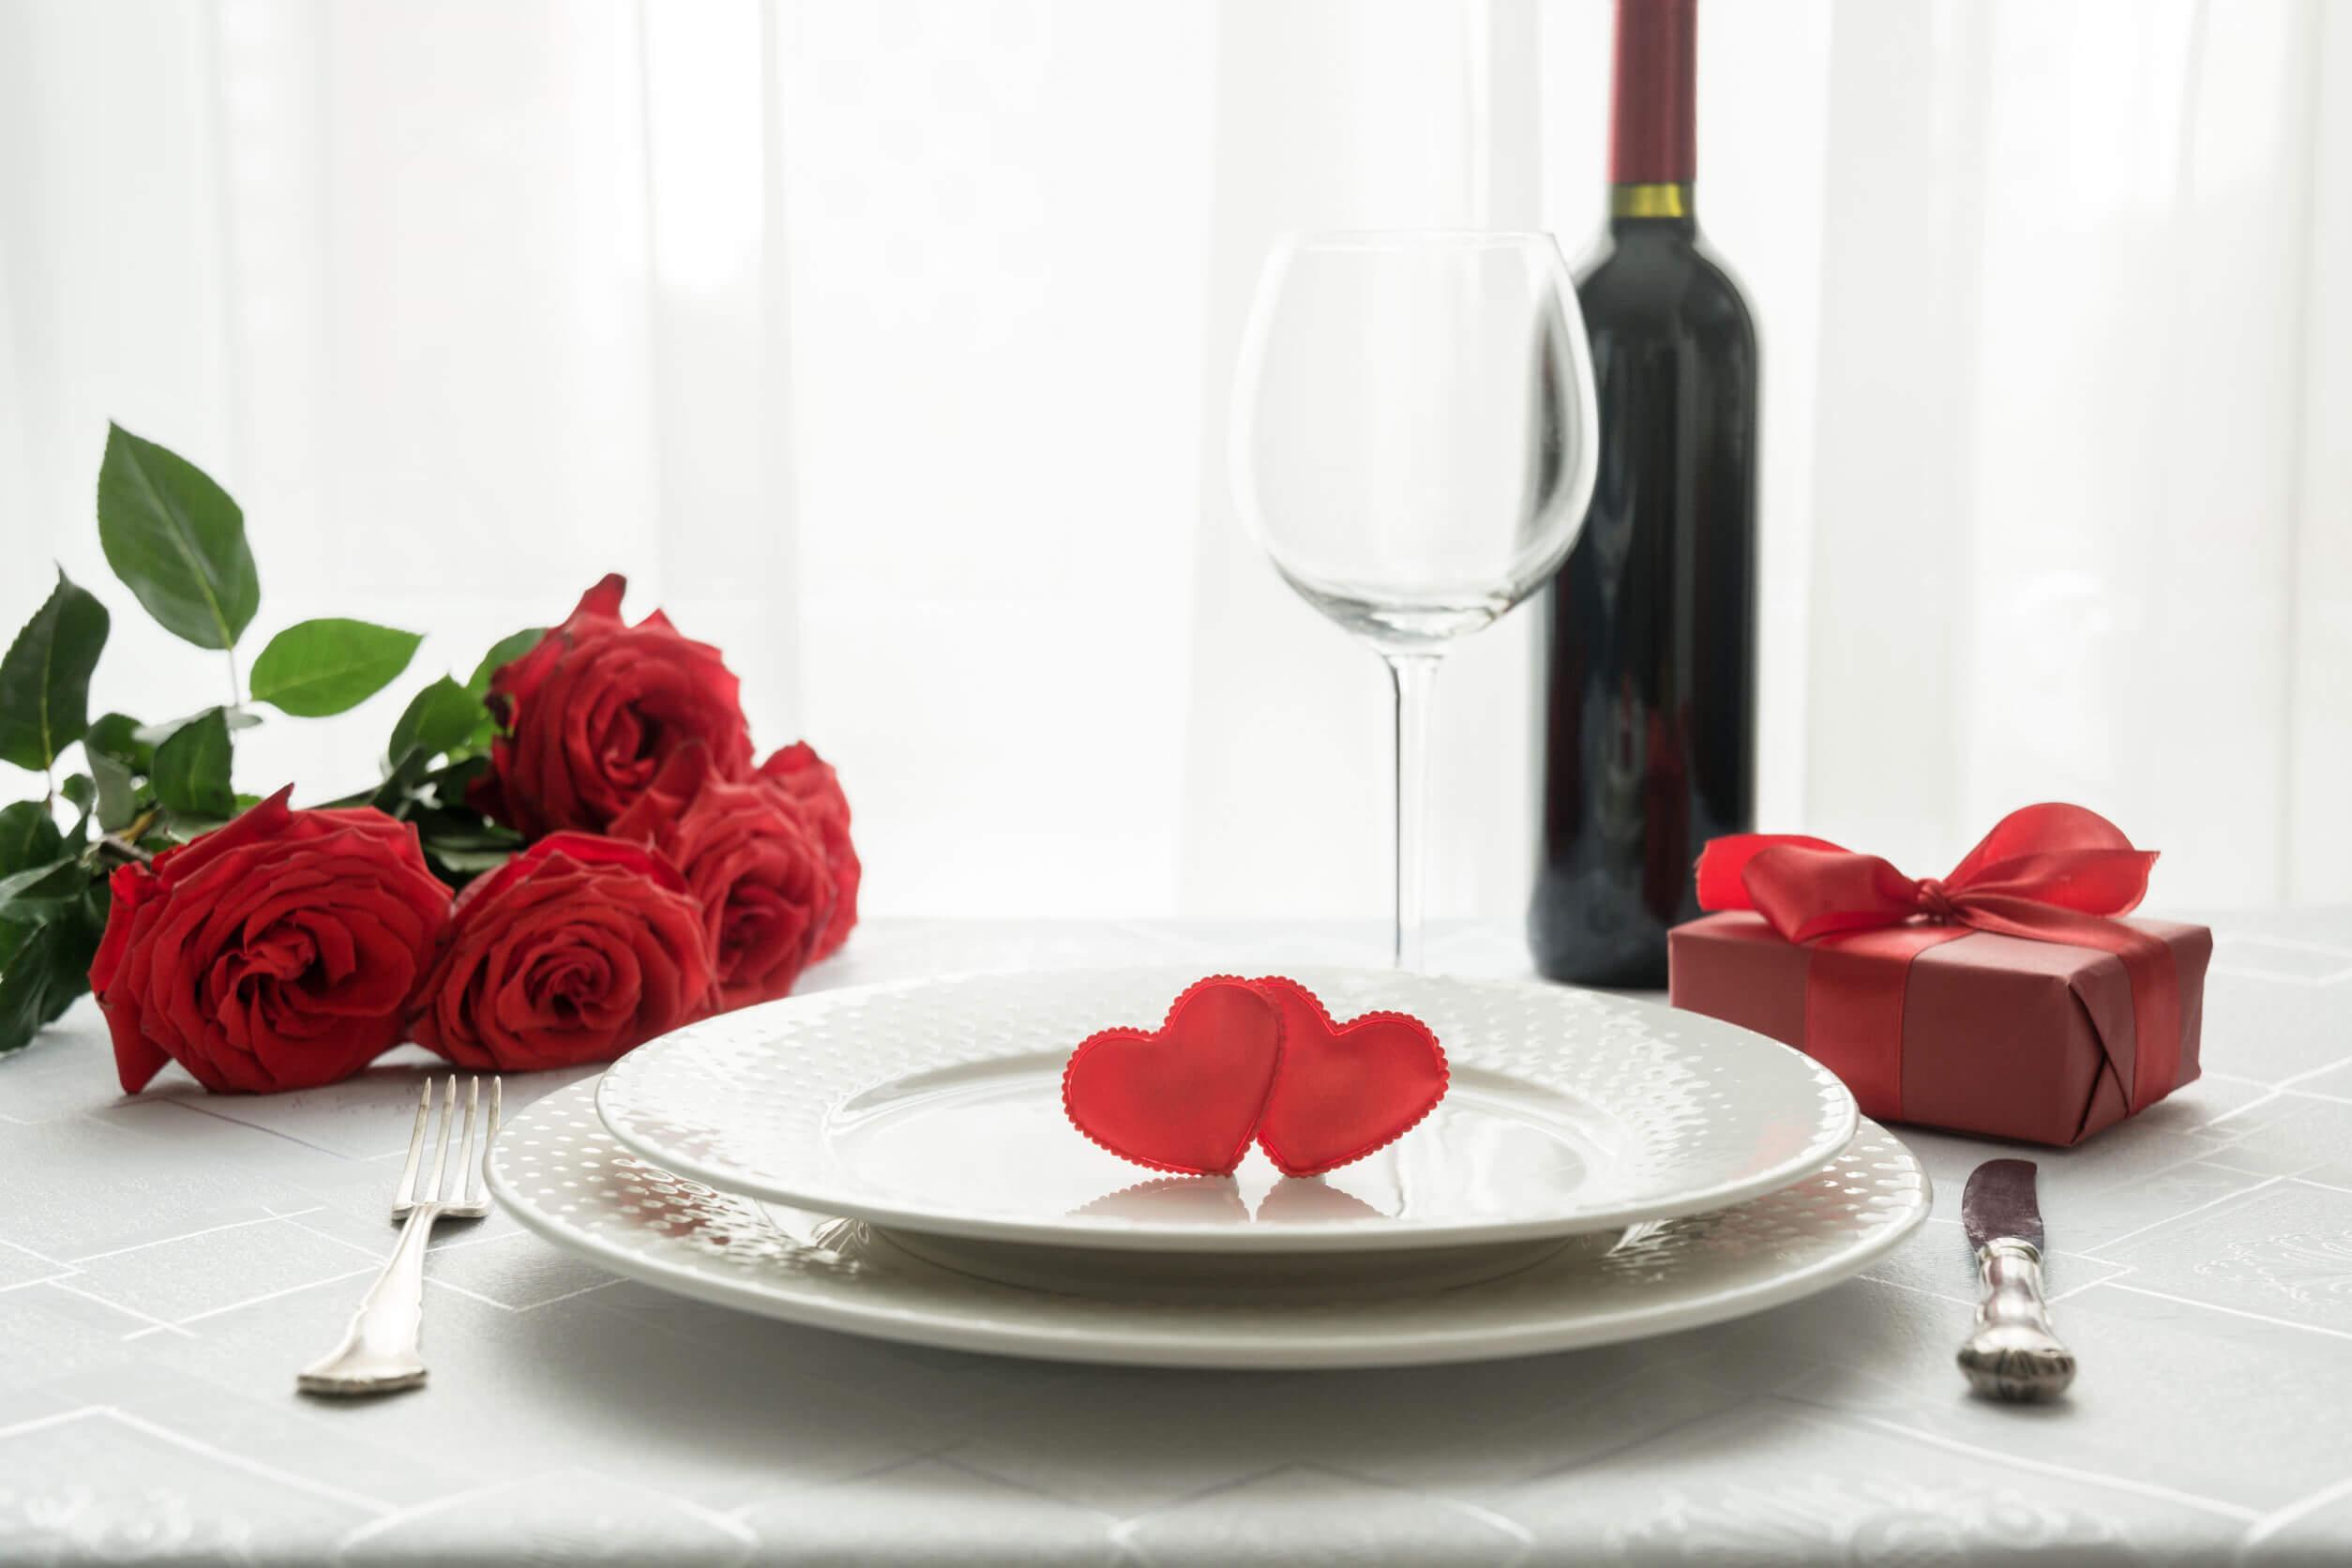 Los regalos para los invitados a la boda pueden incluir las bebidas alcohólicas.